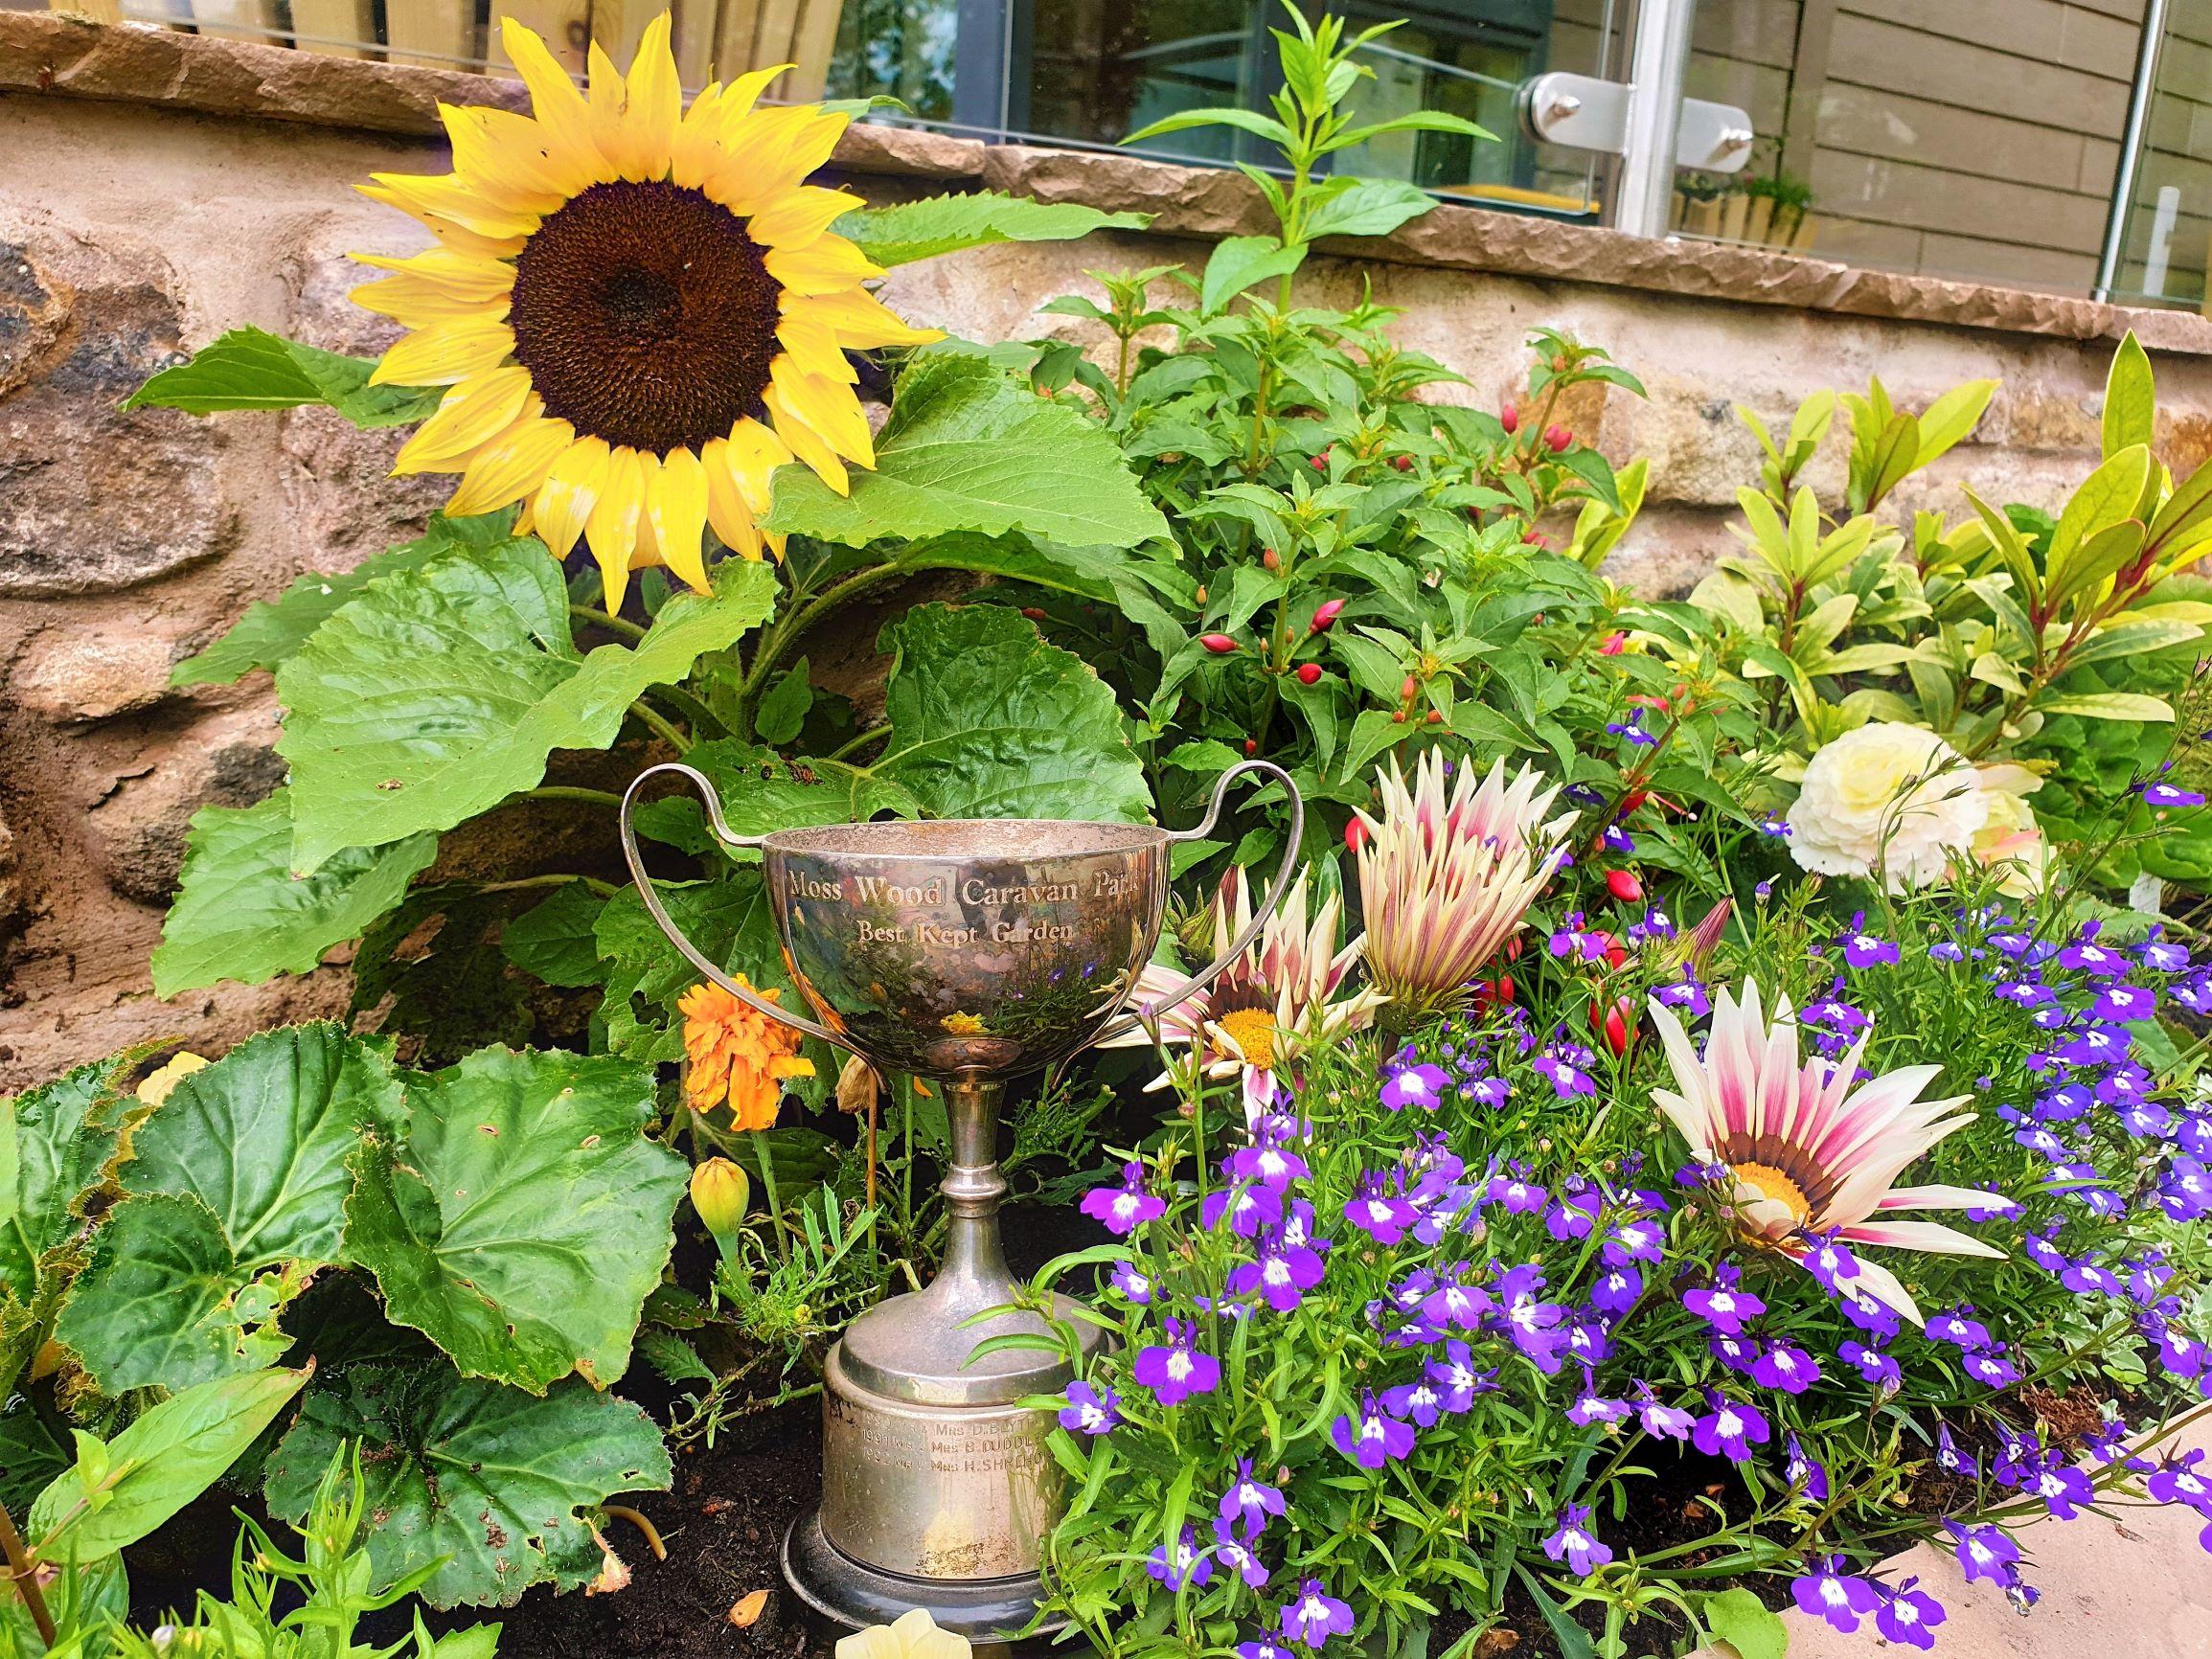 Best Kept Garden Trophy